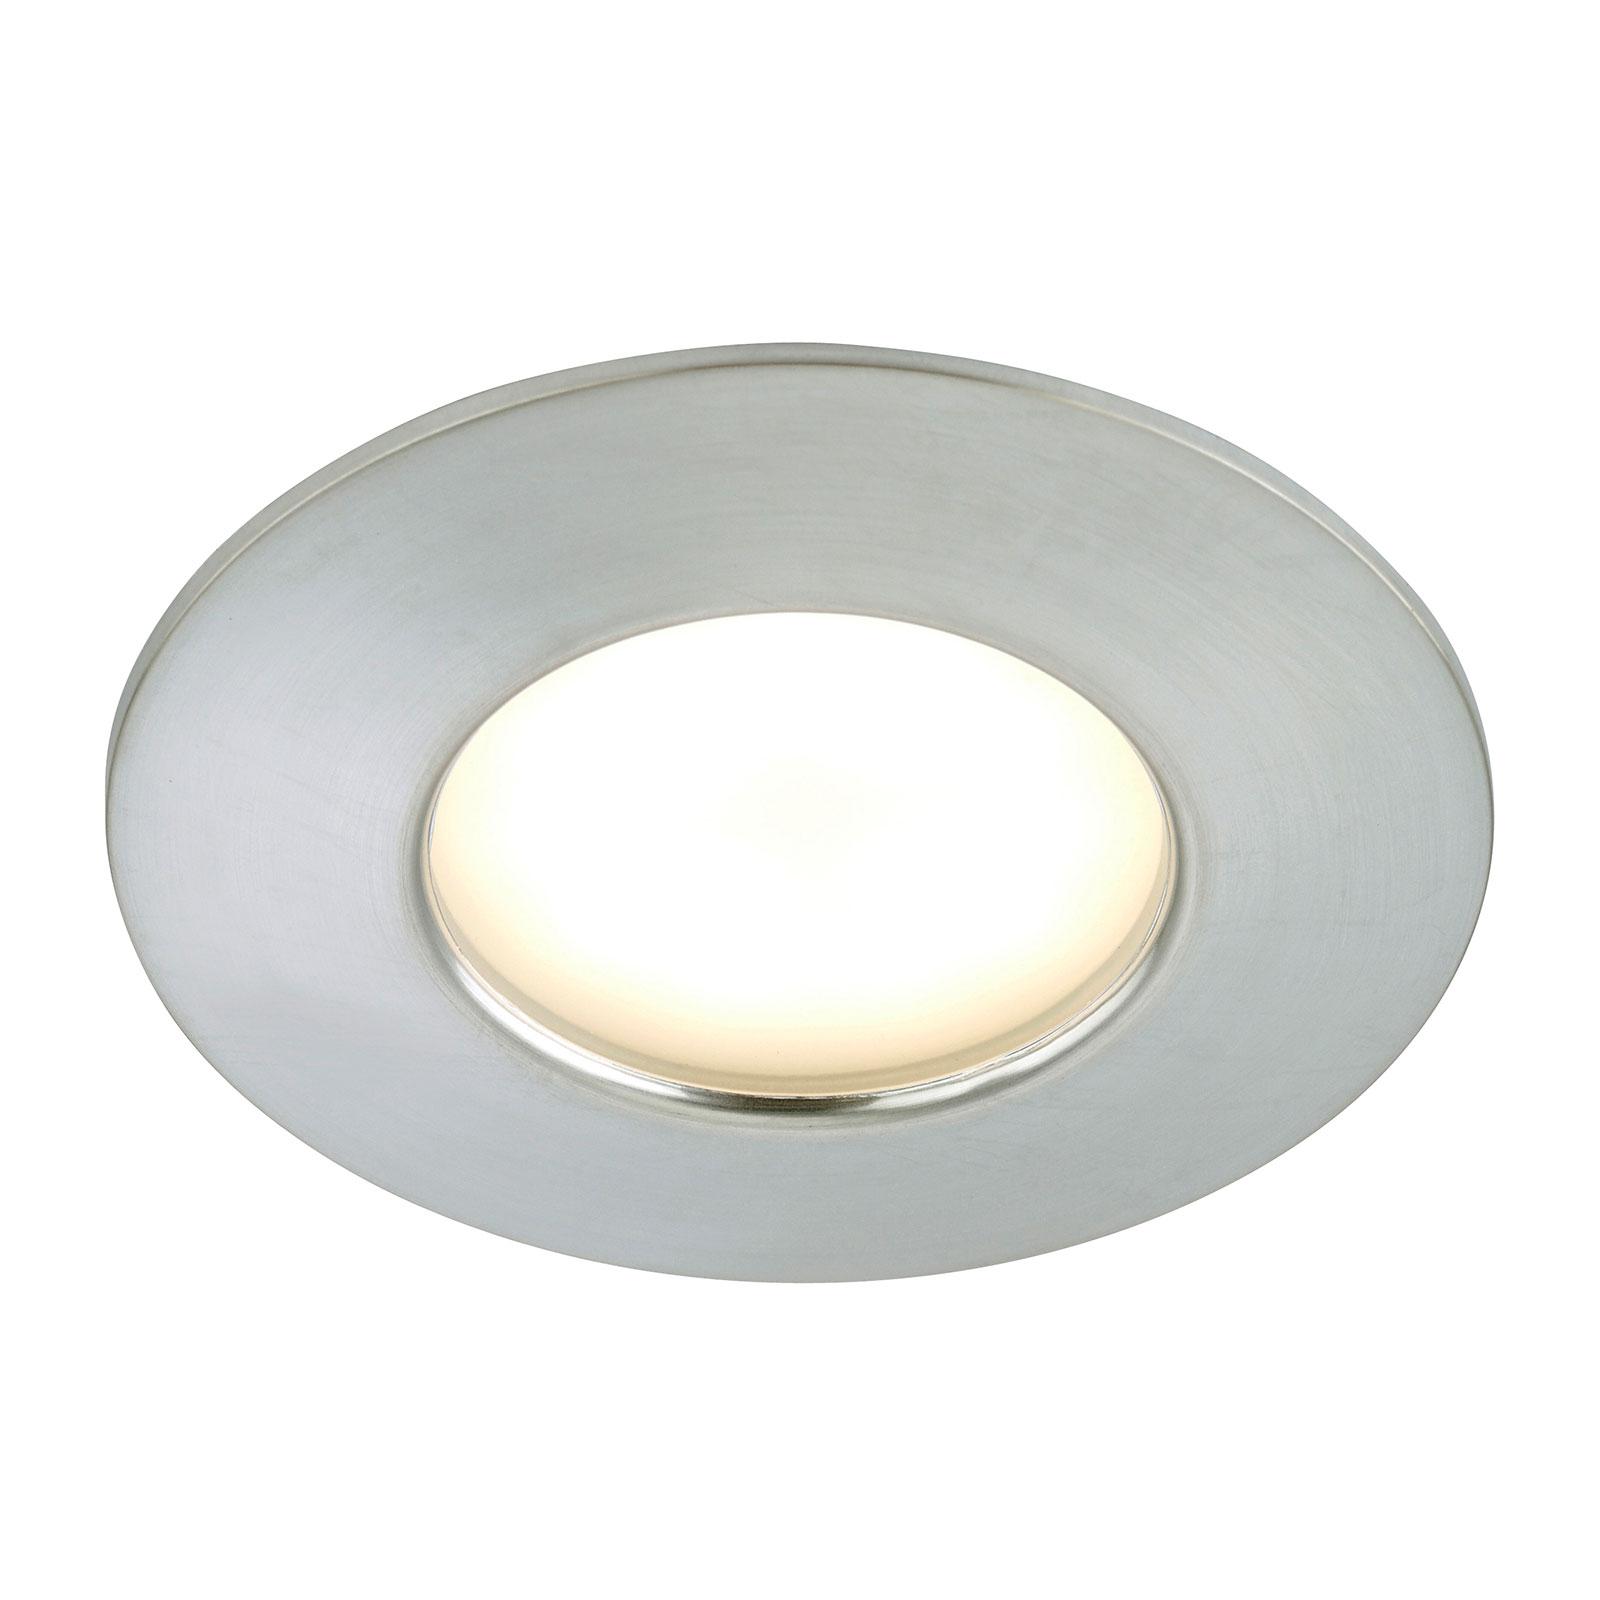 LED-downlight Felia i aluminiumsfarge, IP44